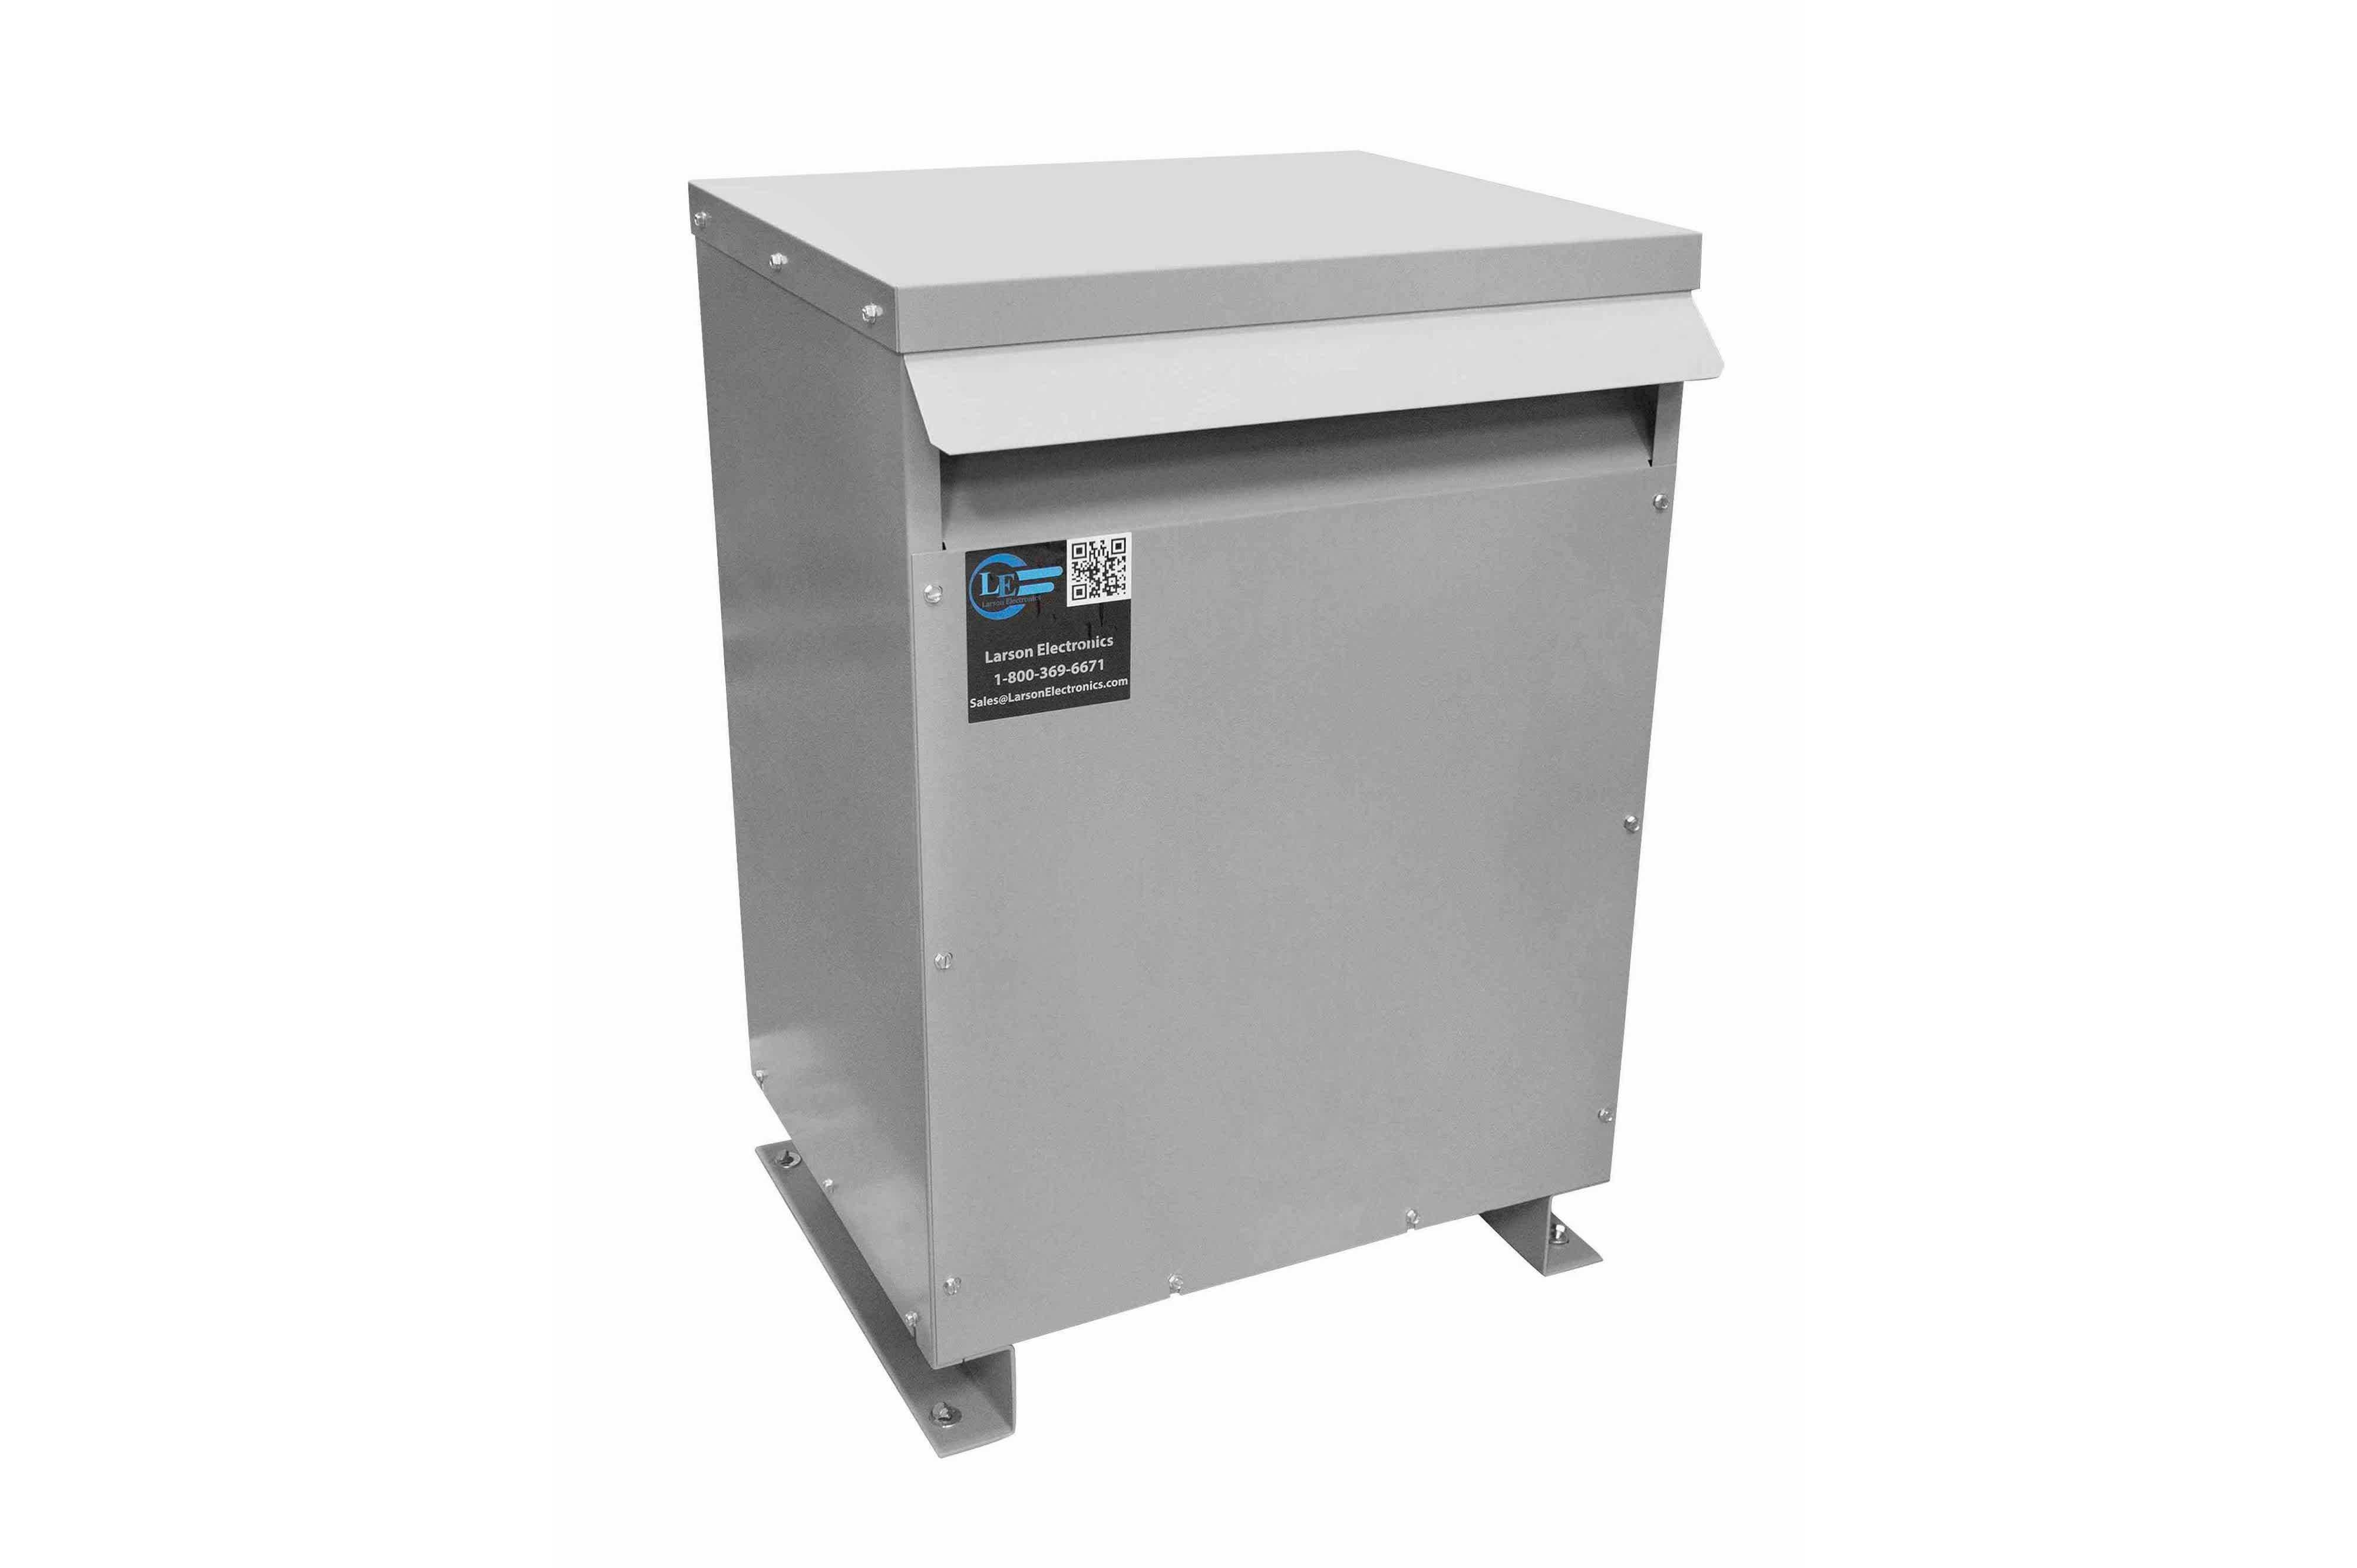 52.5 kVA 3PH Isolation Transformer, 208V Delta Primary, 480V Delta Secondary, N3R, Ventilated, 60 Hz